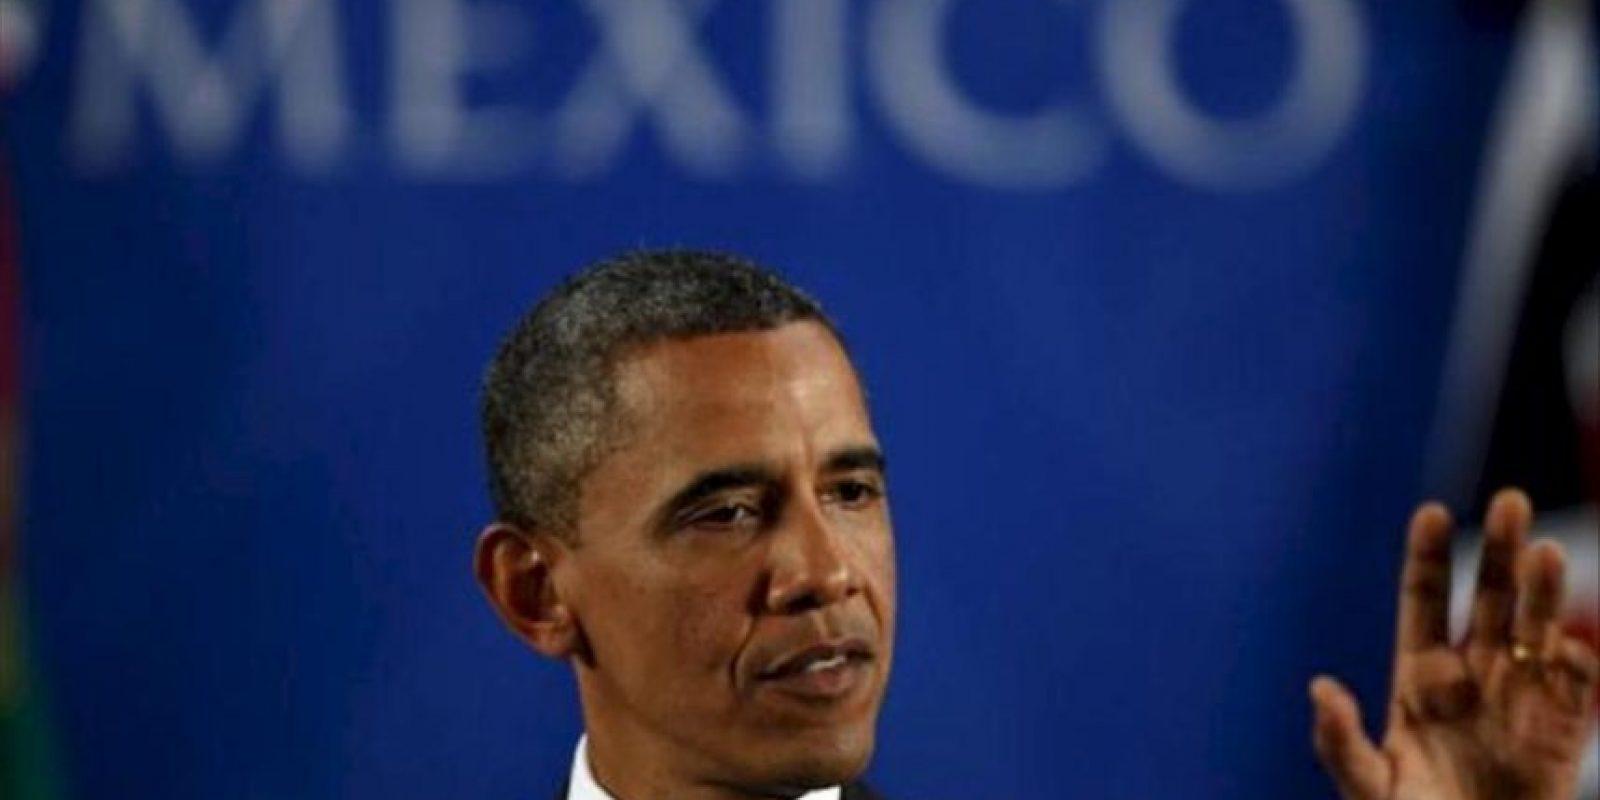 El Presidente de los Estados Unidos Barack Obama habla hoy , 19 de junio de 2012 durante una rueda de prensa final tras su participación en la Reunión cumbre de Mandatarios de los países miembros del Grupo de los Veinte (G20) que concluye hoy en Los Cabos, noroeste de México.EFE